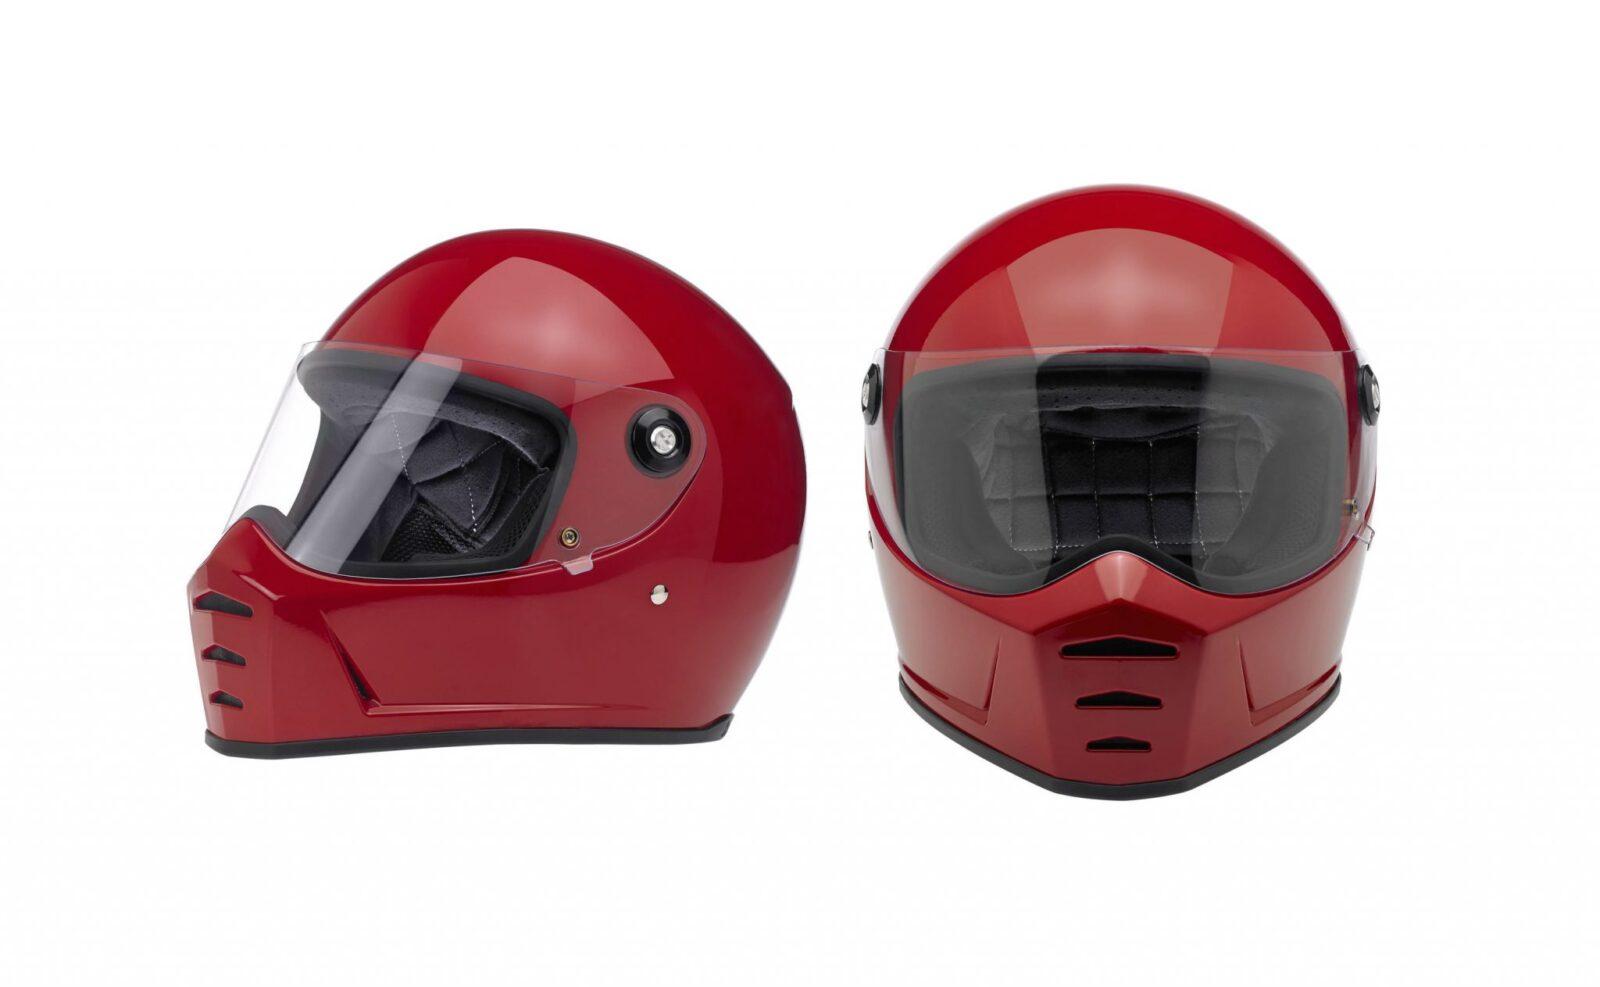 Biltwell Lane Splitter Helmet 1600x987 - Biltwell Lane Splitter Helmet